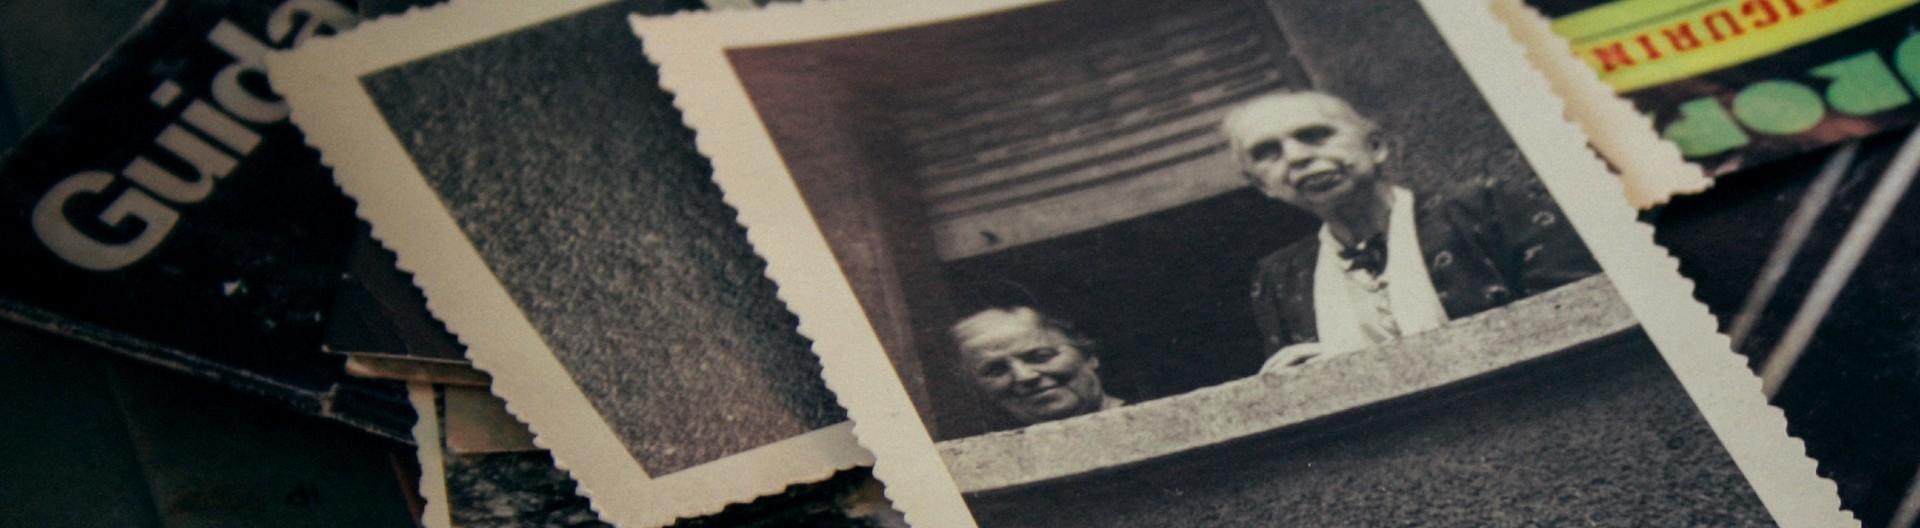 Ein Stapel alte Fotos, einige in schwarz-weiß mit einem gezackten Rand